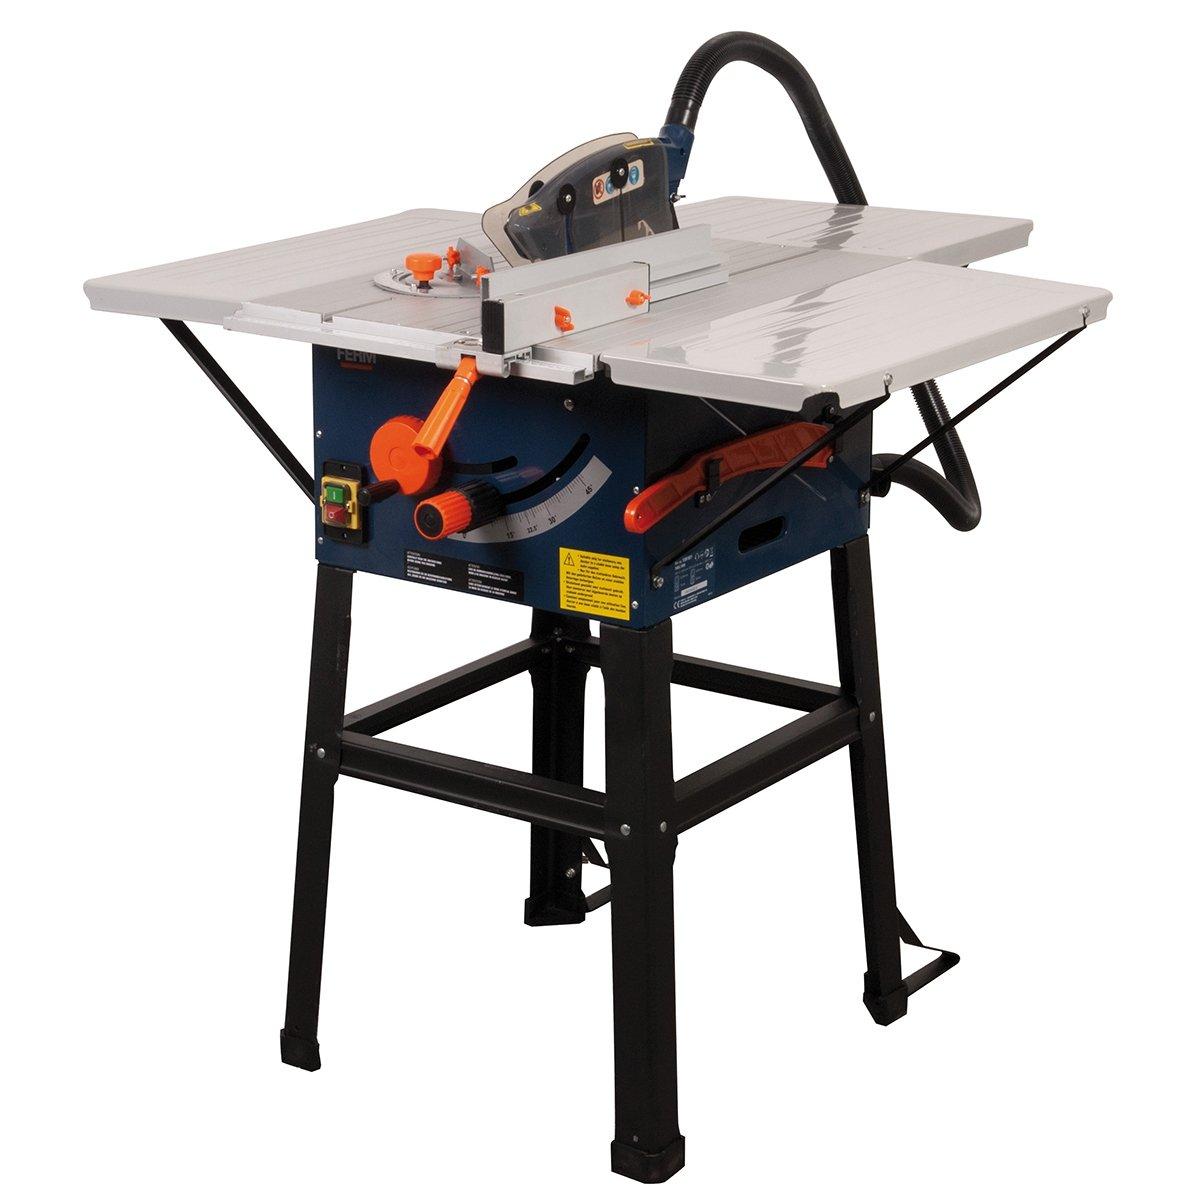 Ferm TSM1031 Tischkreissäge 1700 W, 254 mm  BaumarktKundenbewertung und weitere Informationen